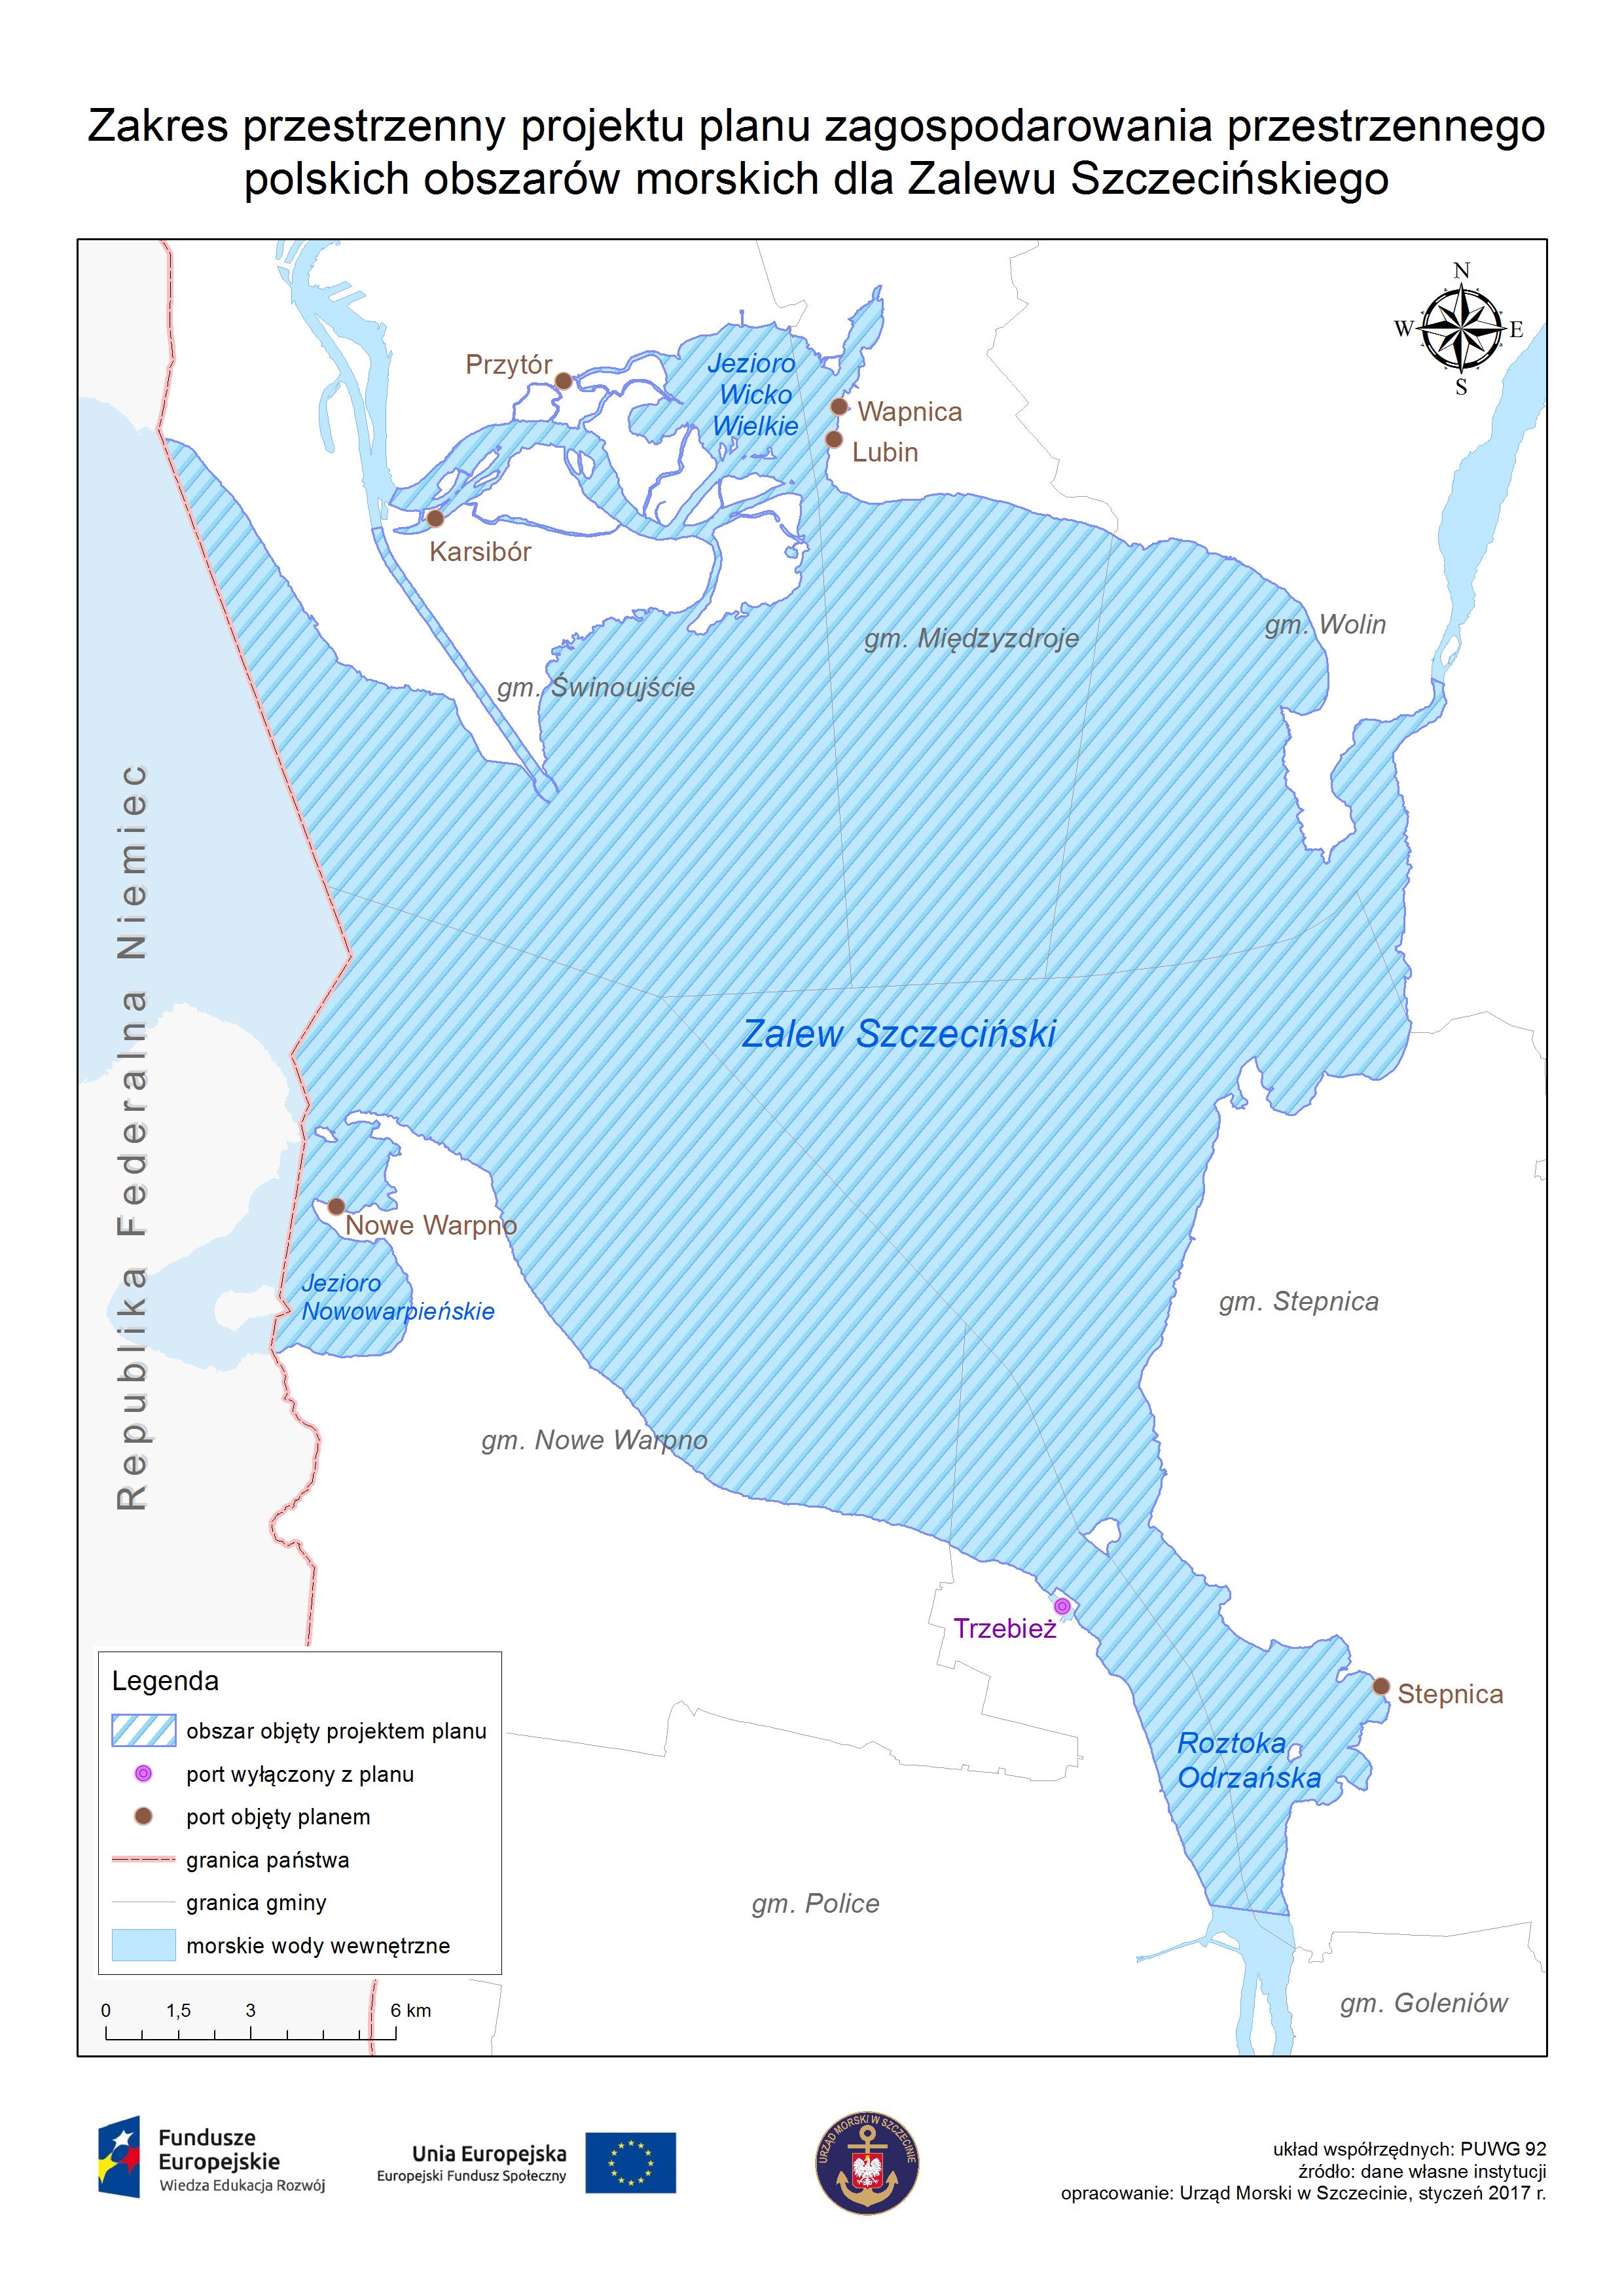 Mapa obrazująca obszar projektu planu - Zalew Szczeciński